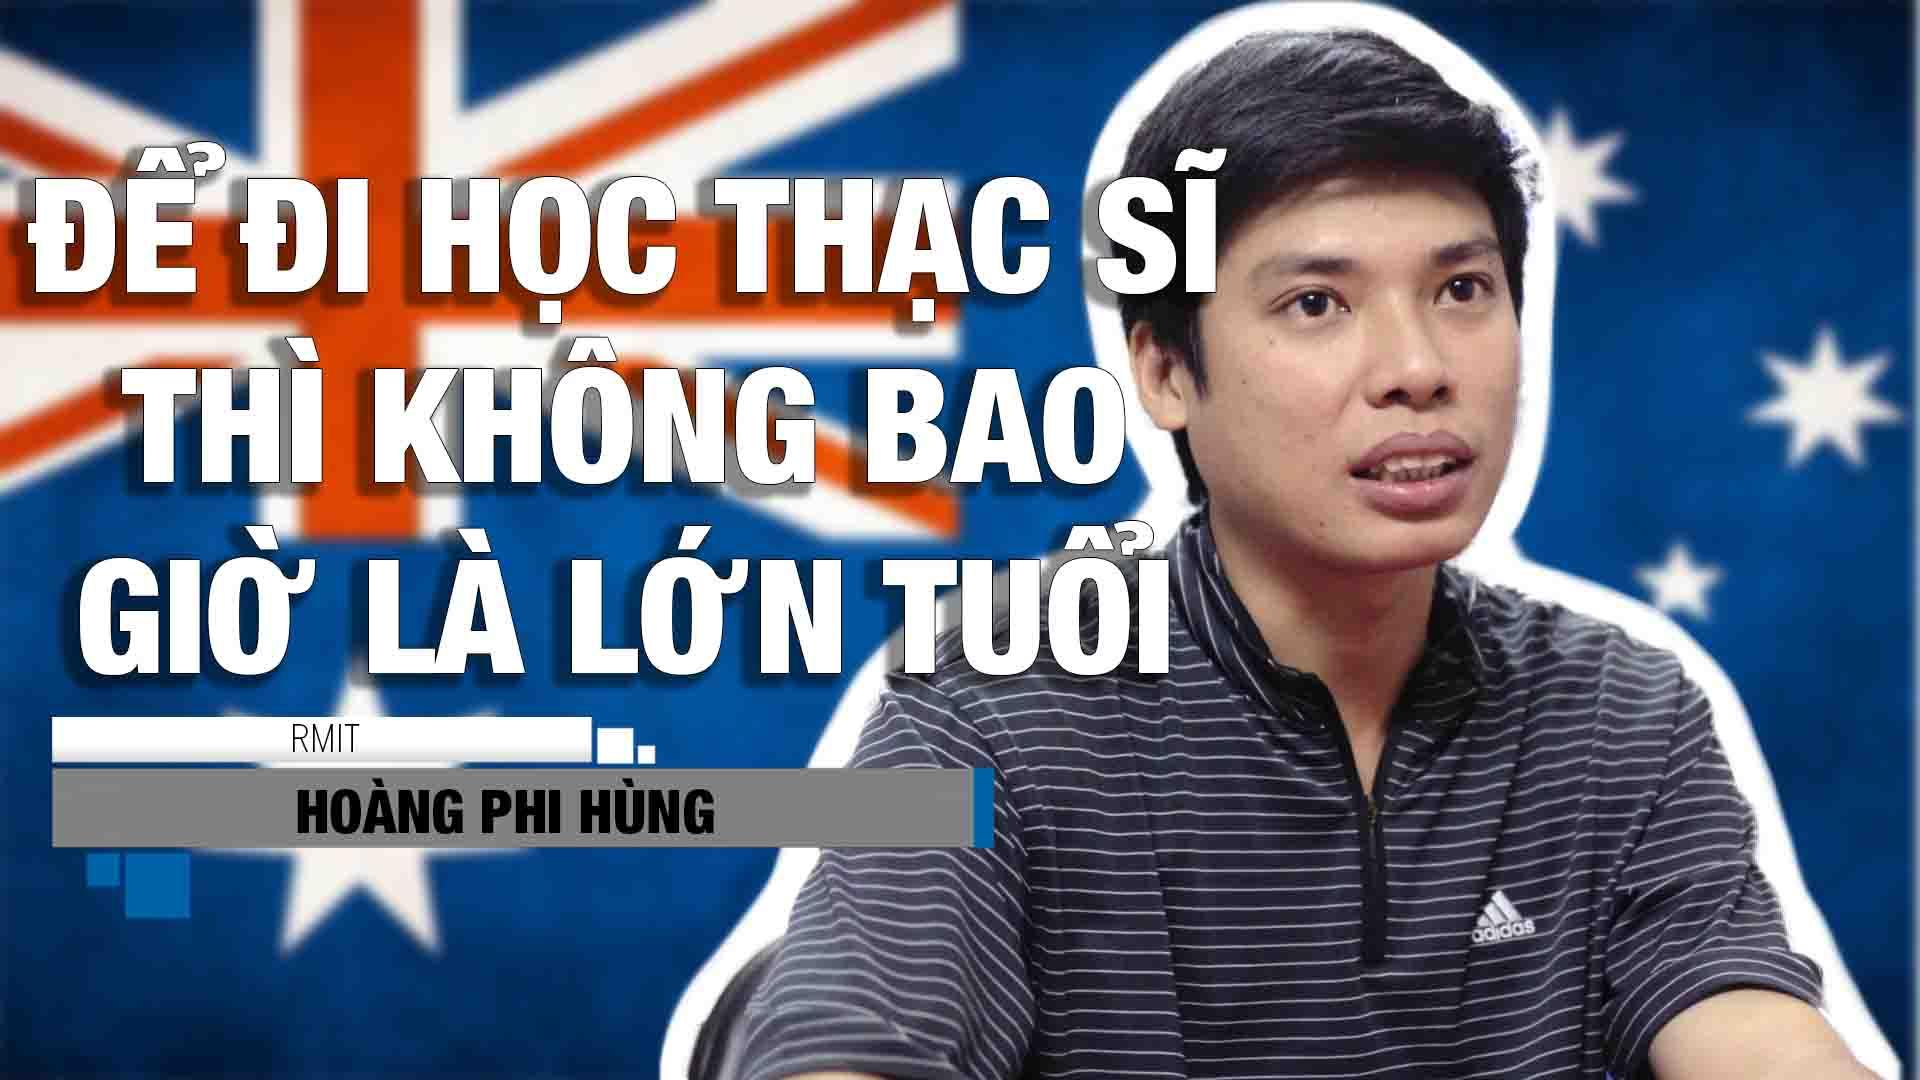 Bạn có dám bỏ hết tất cả, công việc, gia đình hiện tại ở Việt Nam để đi Úc học thạc sĩ? Nghe chia sẻ của anh Hoàng Phi Hùng, hiện đang học thạc sĩ quá trình thiết bị tại đại học RMIT ở Úc nhé!